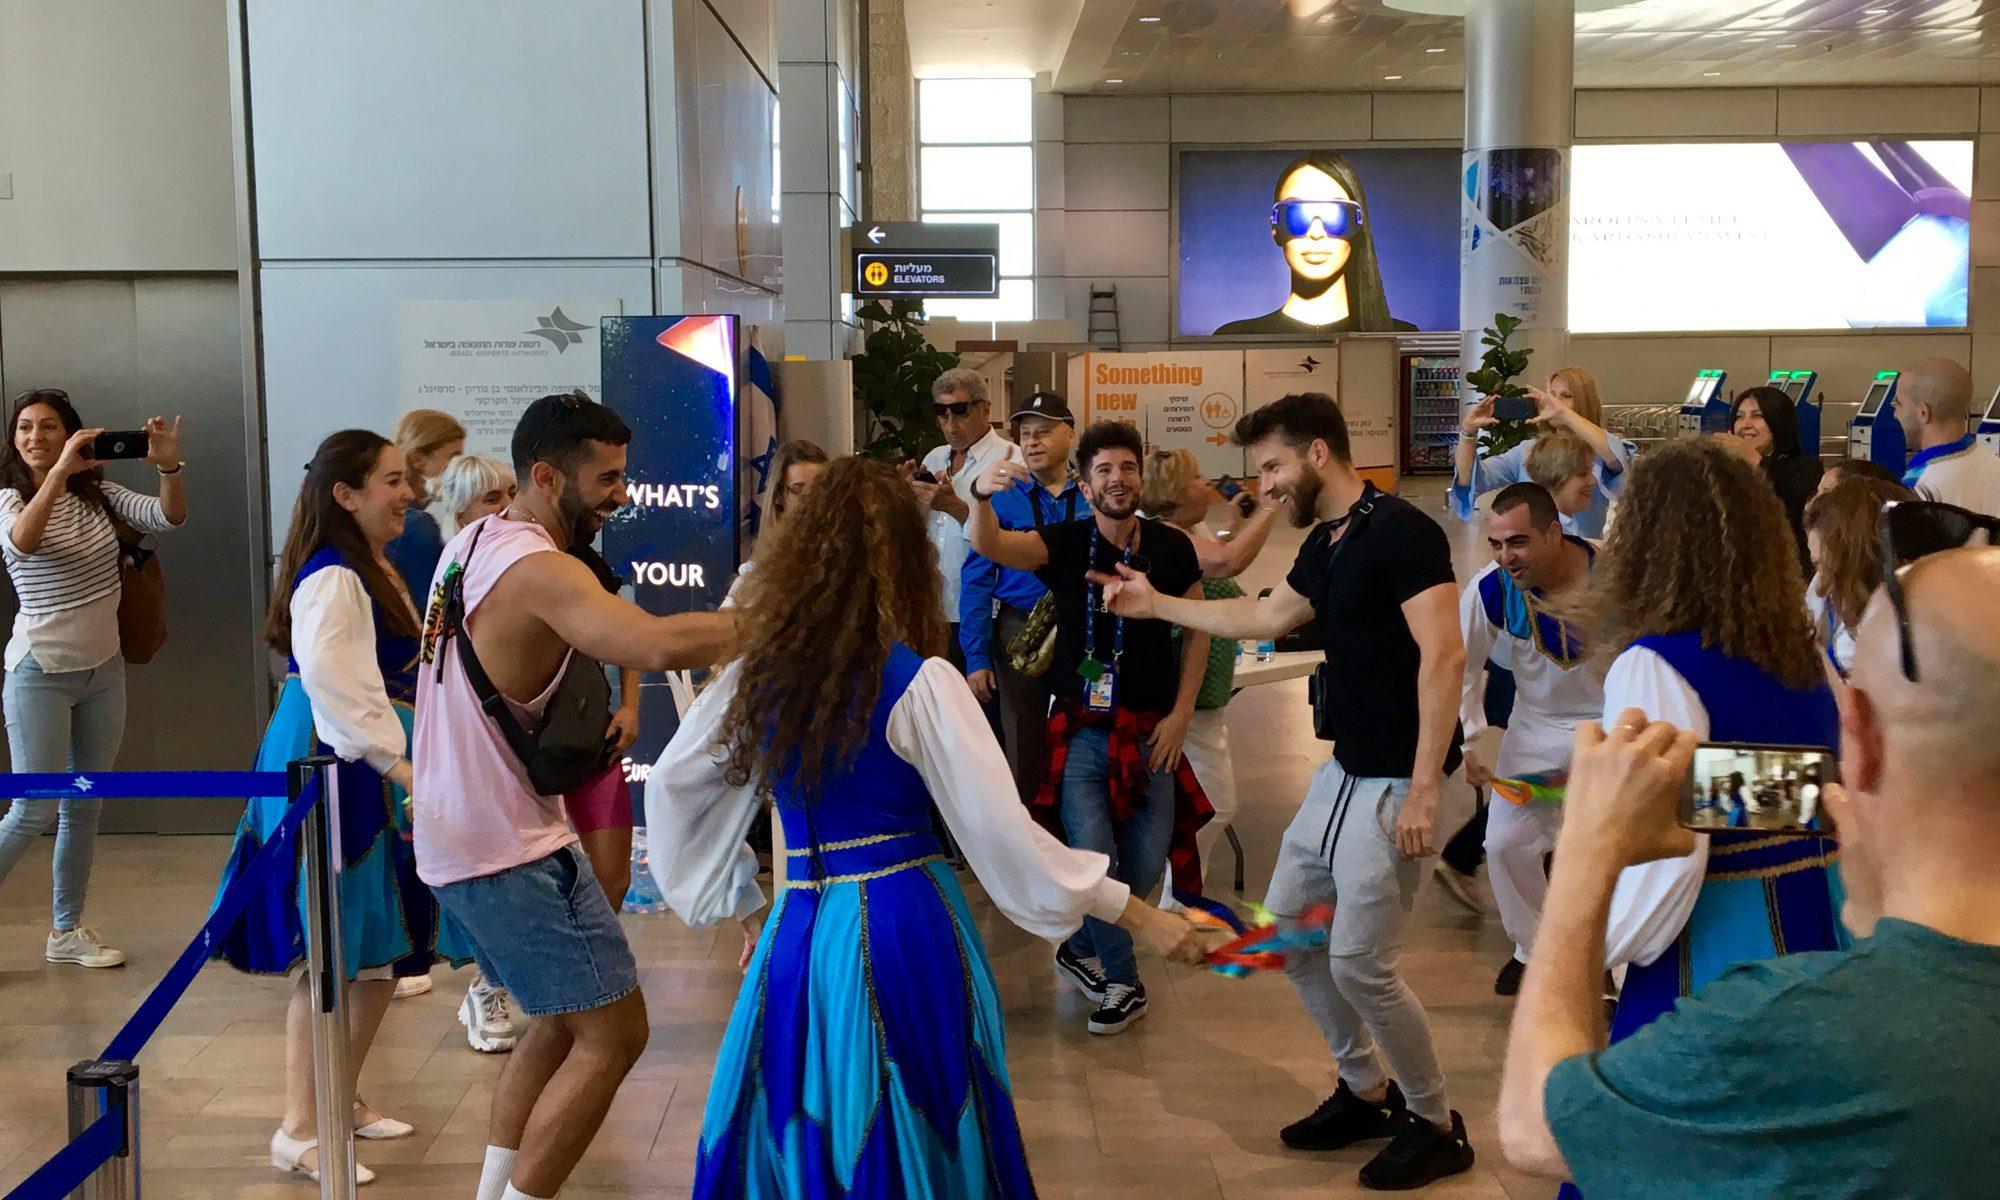 Verabschiedung aus Tel Aviv mit Tanz | Foto: Marc Schulte